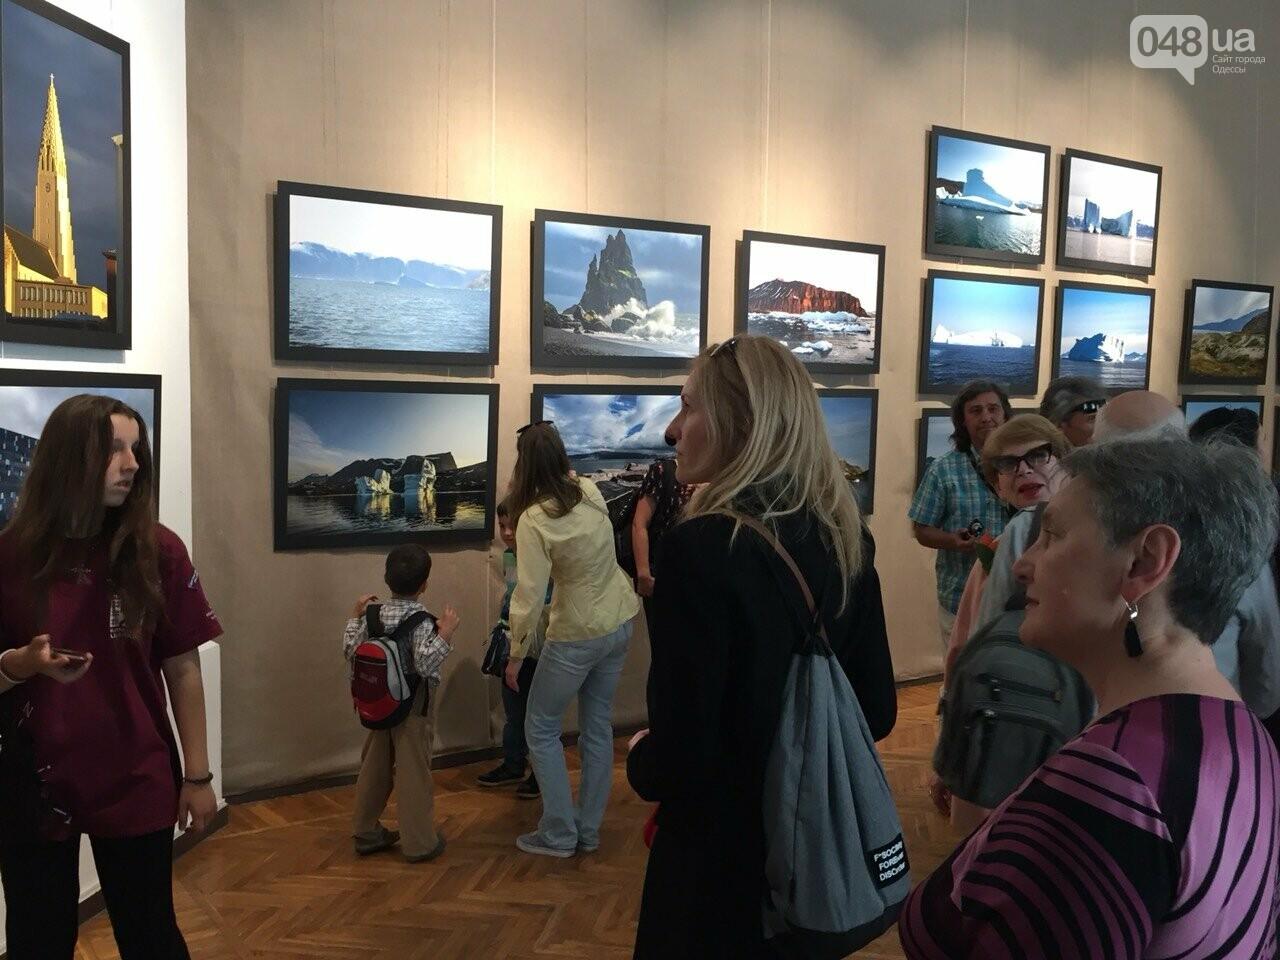 Арктическая сага: На фотовыставке в Одессе можно помочь детям, - ФОТО, ВИДЕО, фото-23